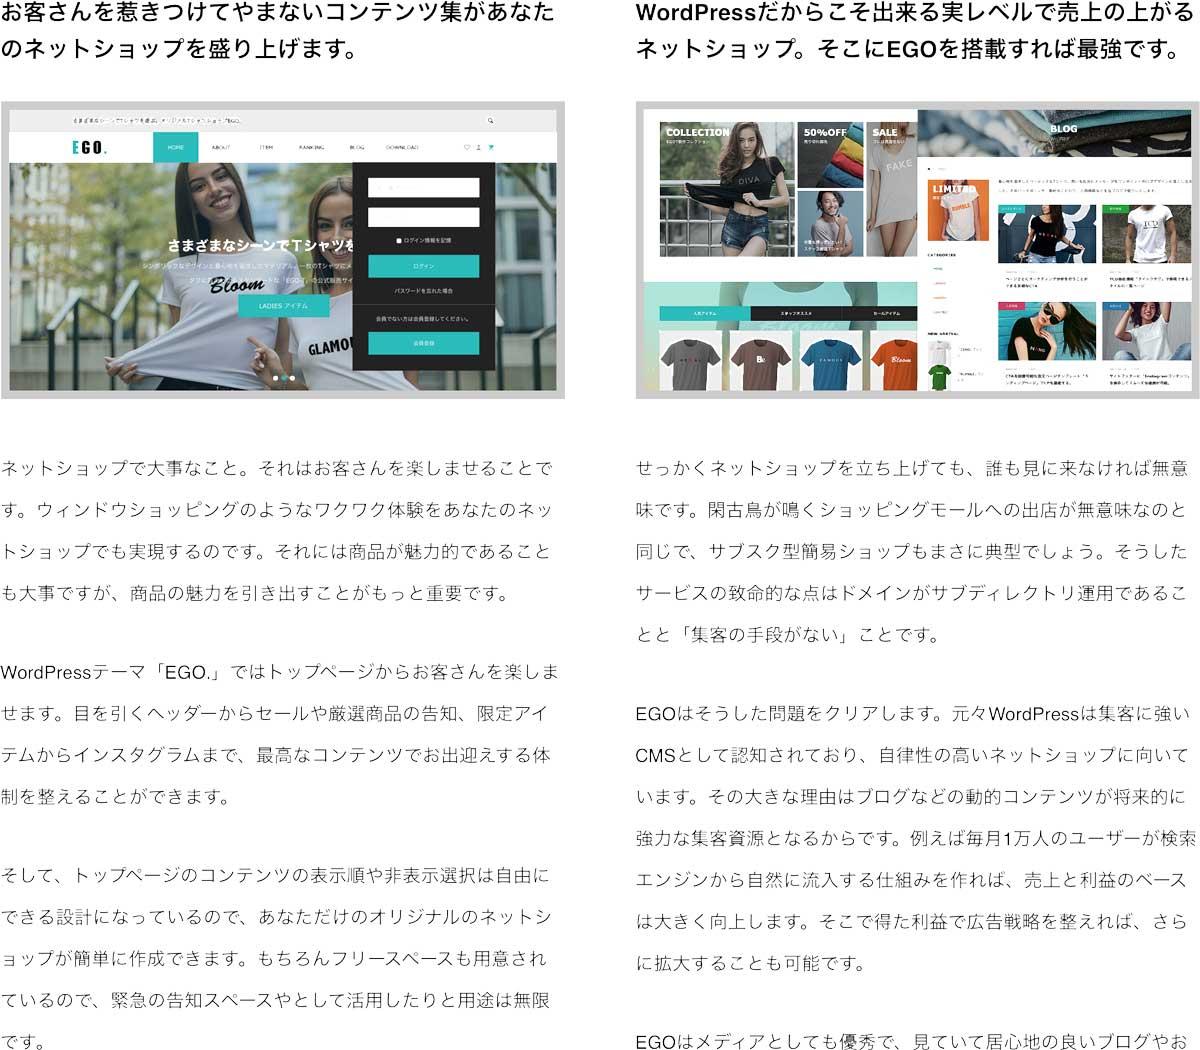 ショッピングカート「WooCommerce・Welcart」対応のECサイト向けWordPressテーマ「EGO.」 wordpress_free_themes_tcd079_02